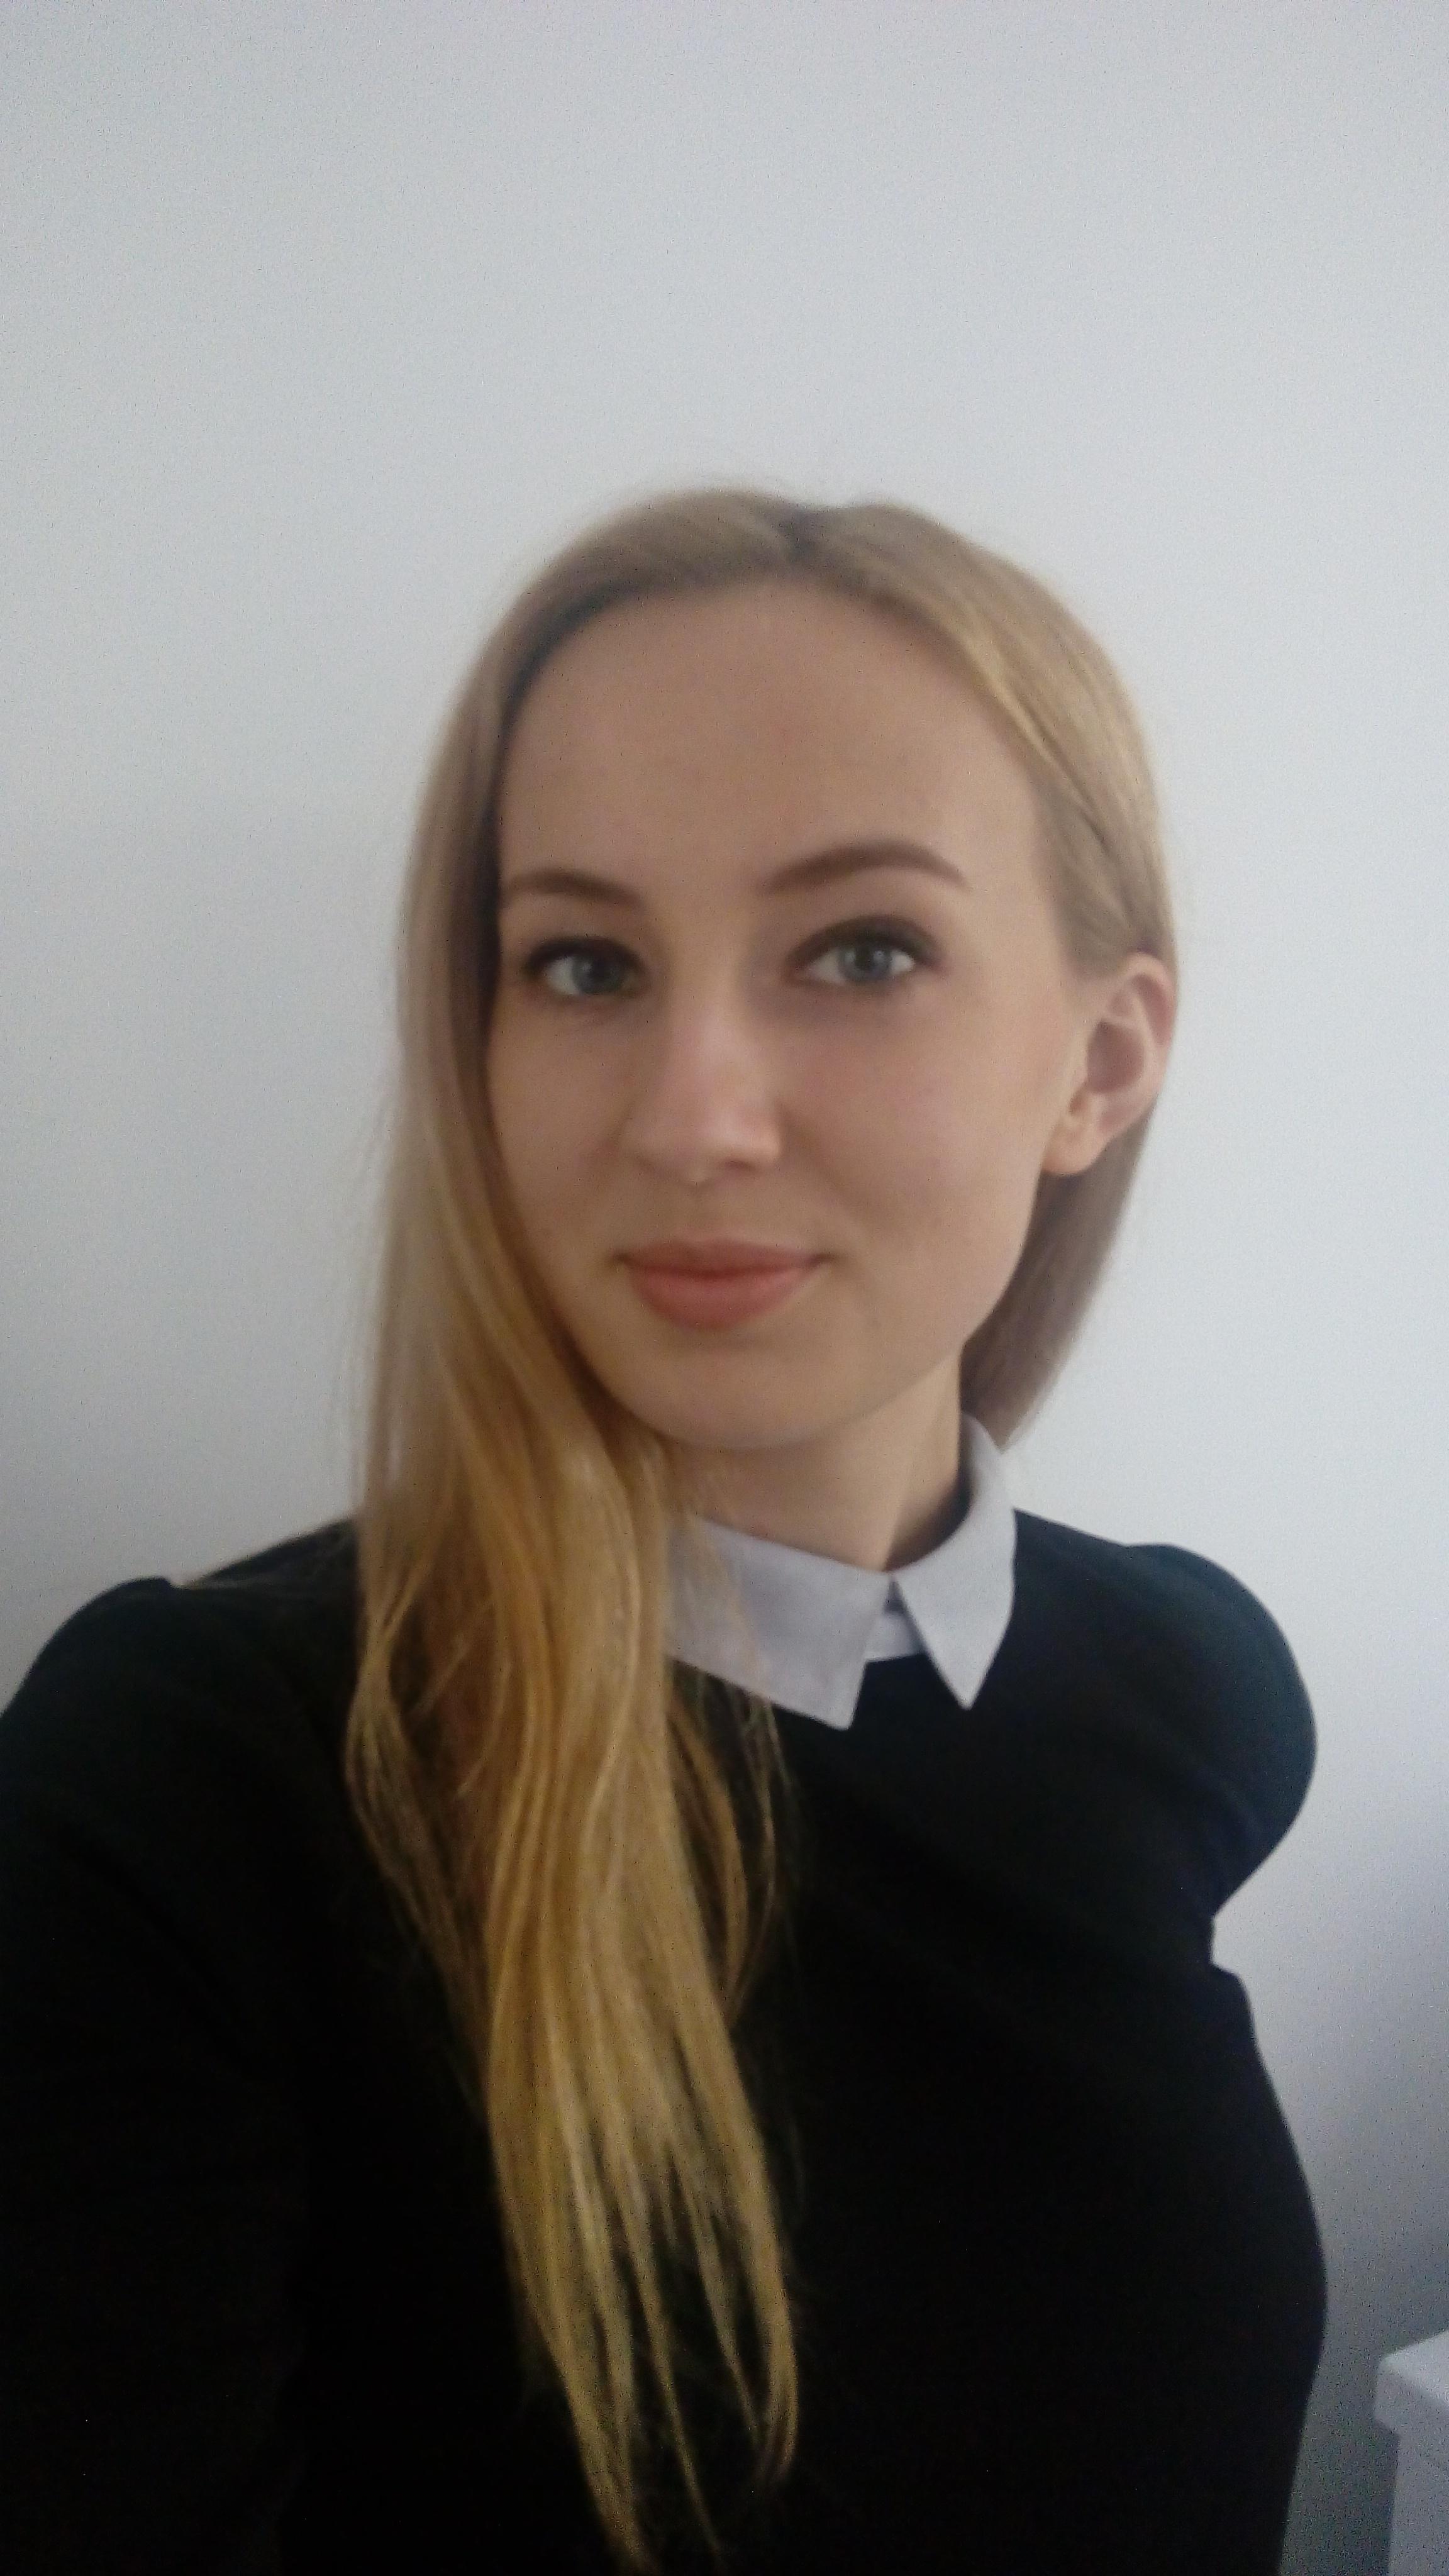 Weronika.Formella.jpg